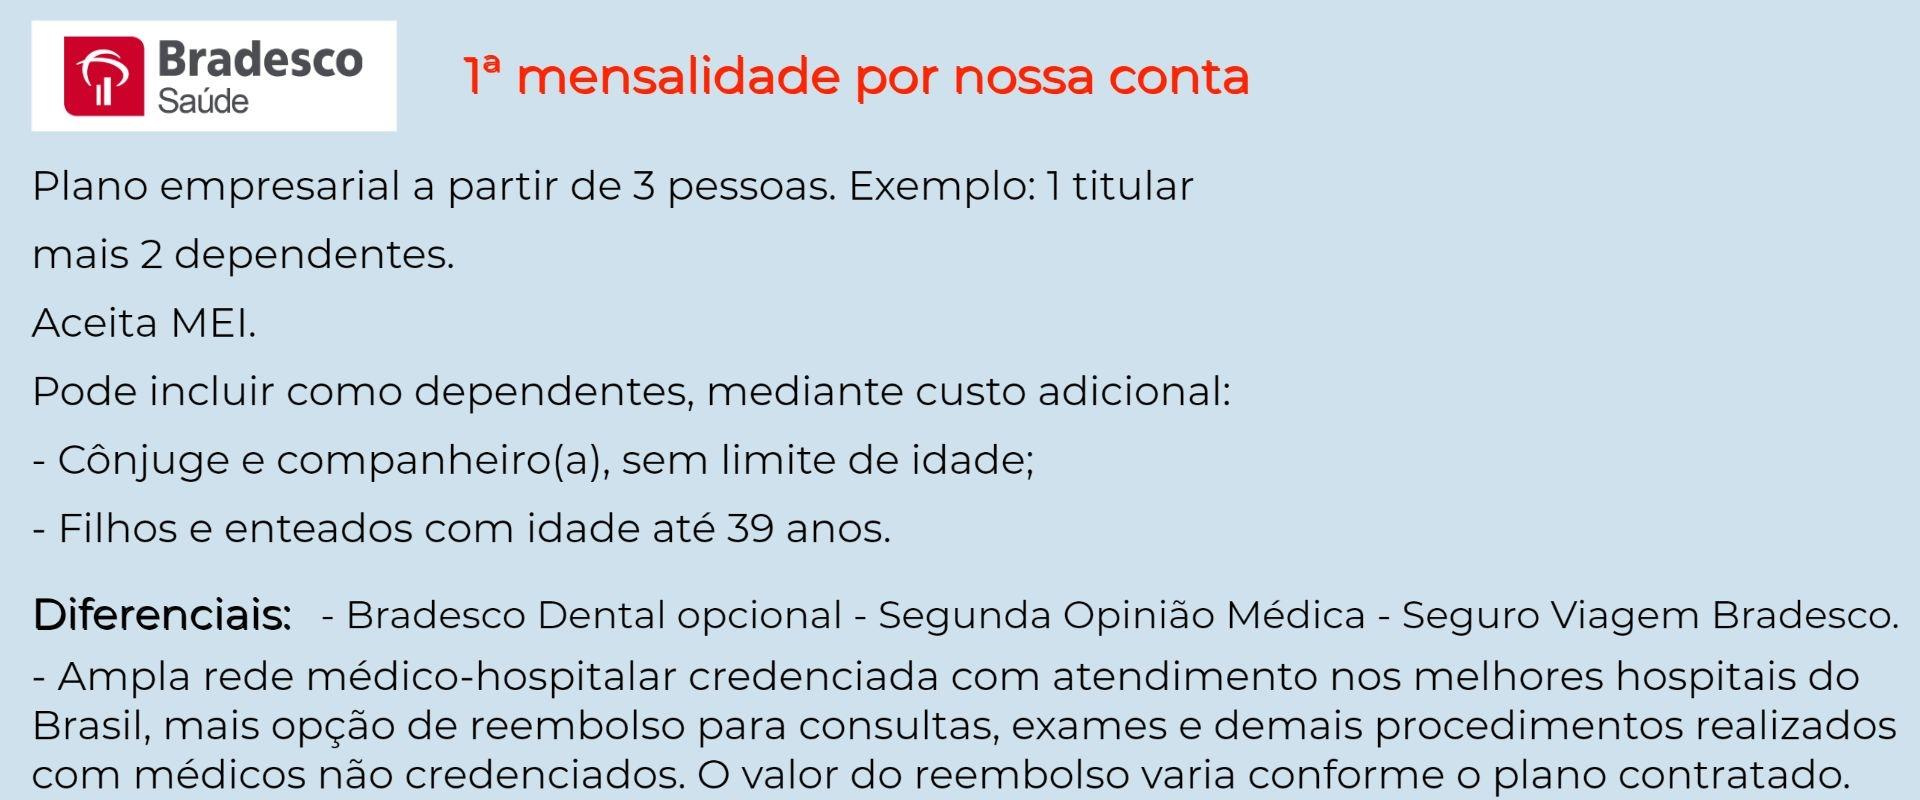 Bradesco Saúde Empresarial - Sumaré